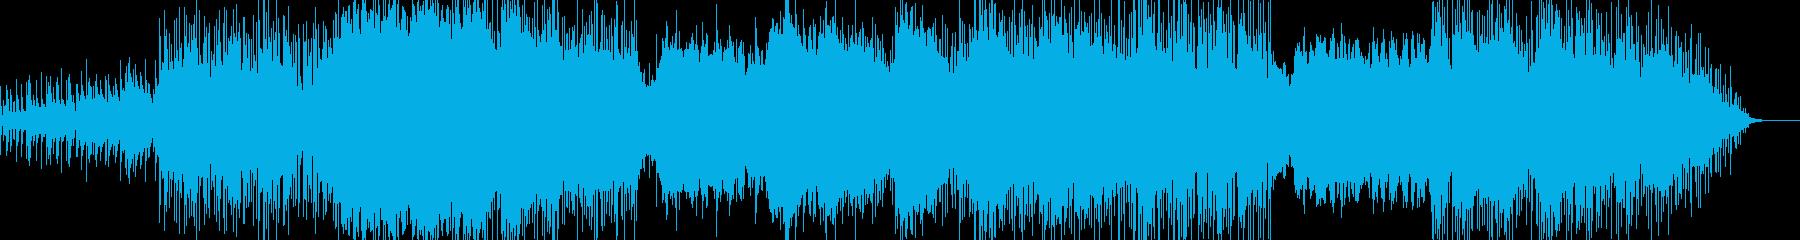 アンビエント・ヴォイスの再生済みの波形